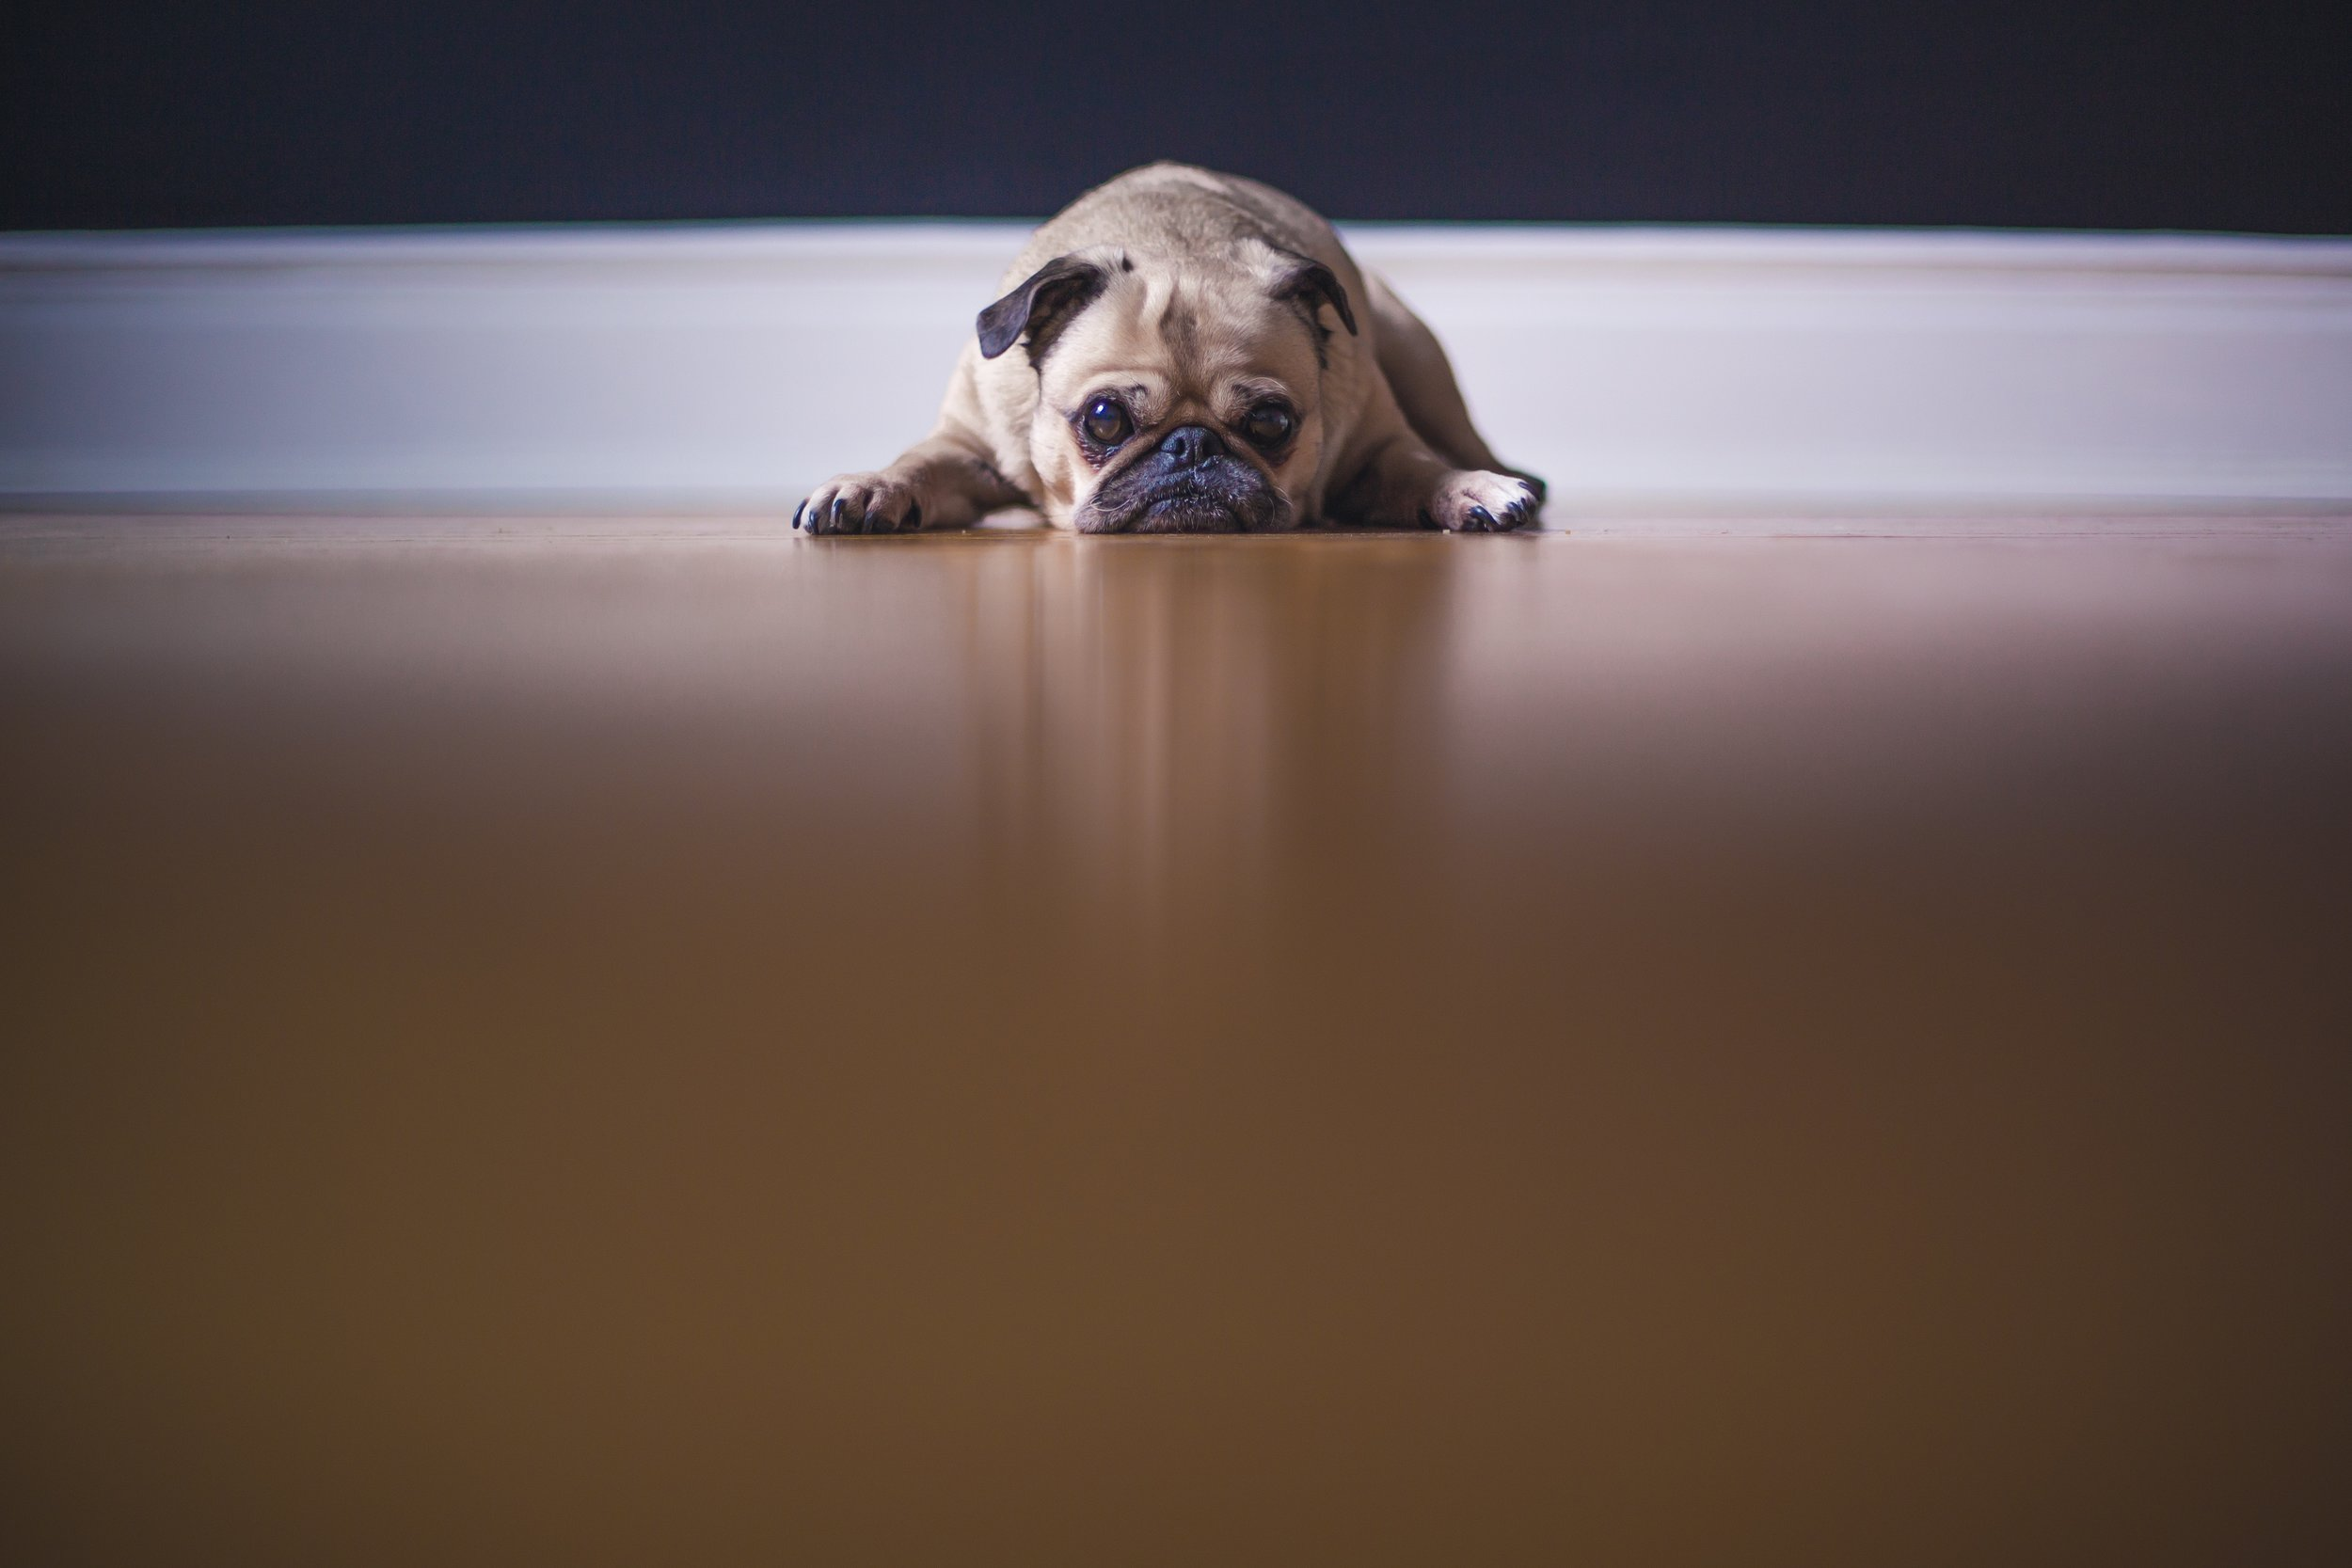 Un chien est couché sur sol, prêt à bondir.